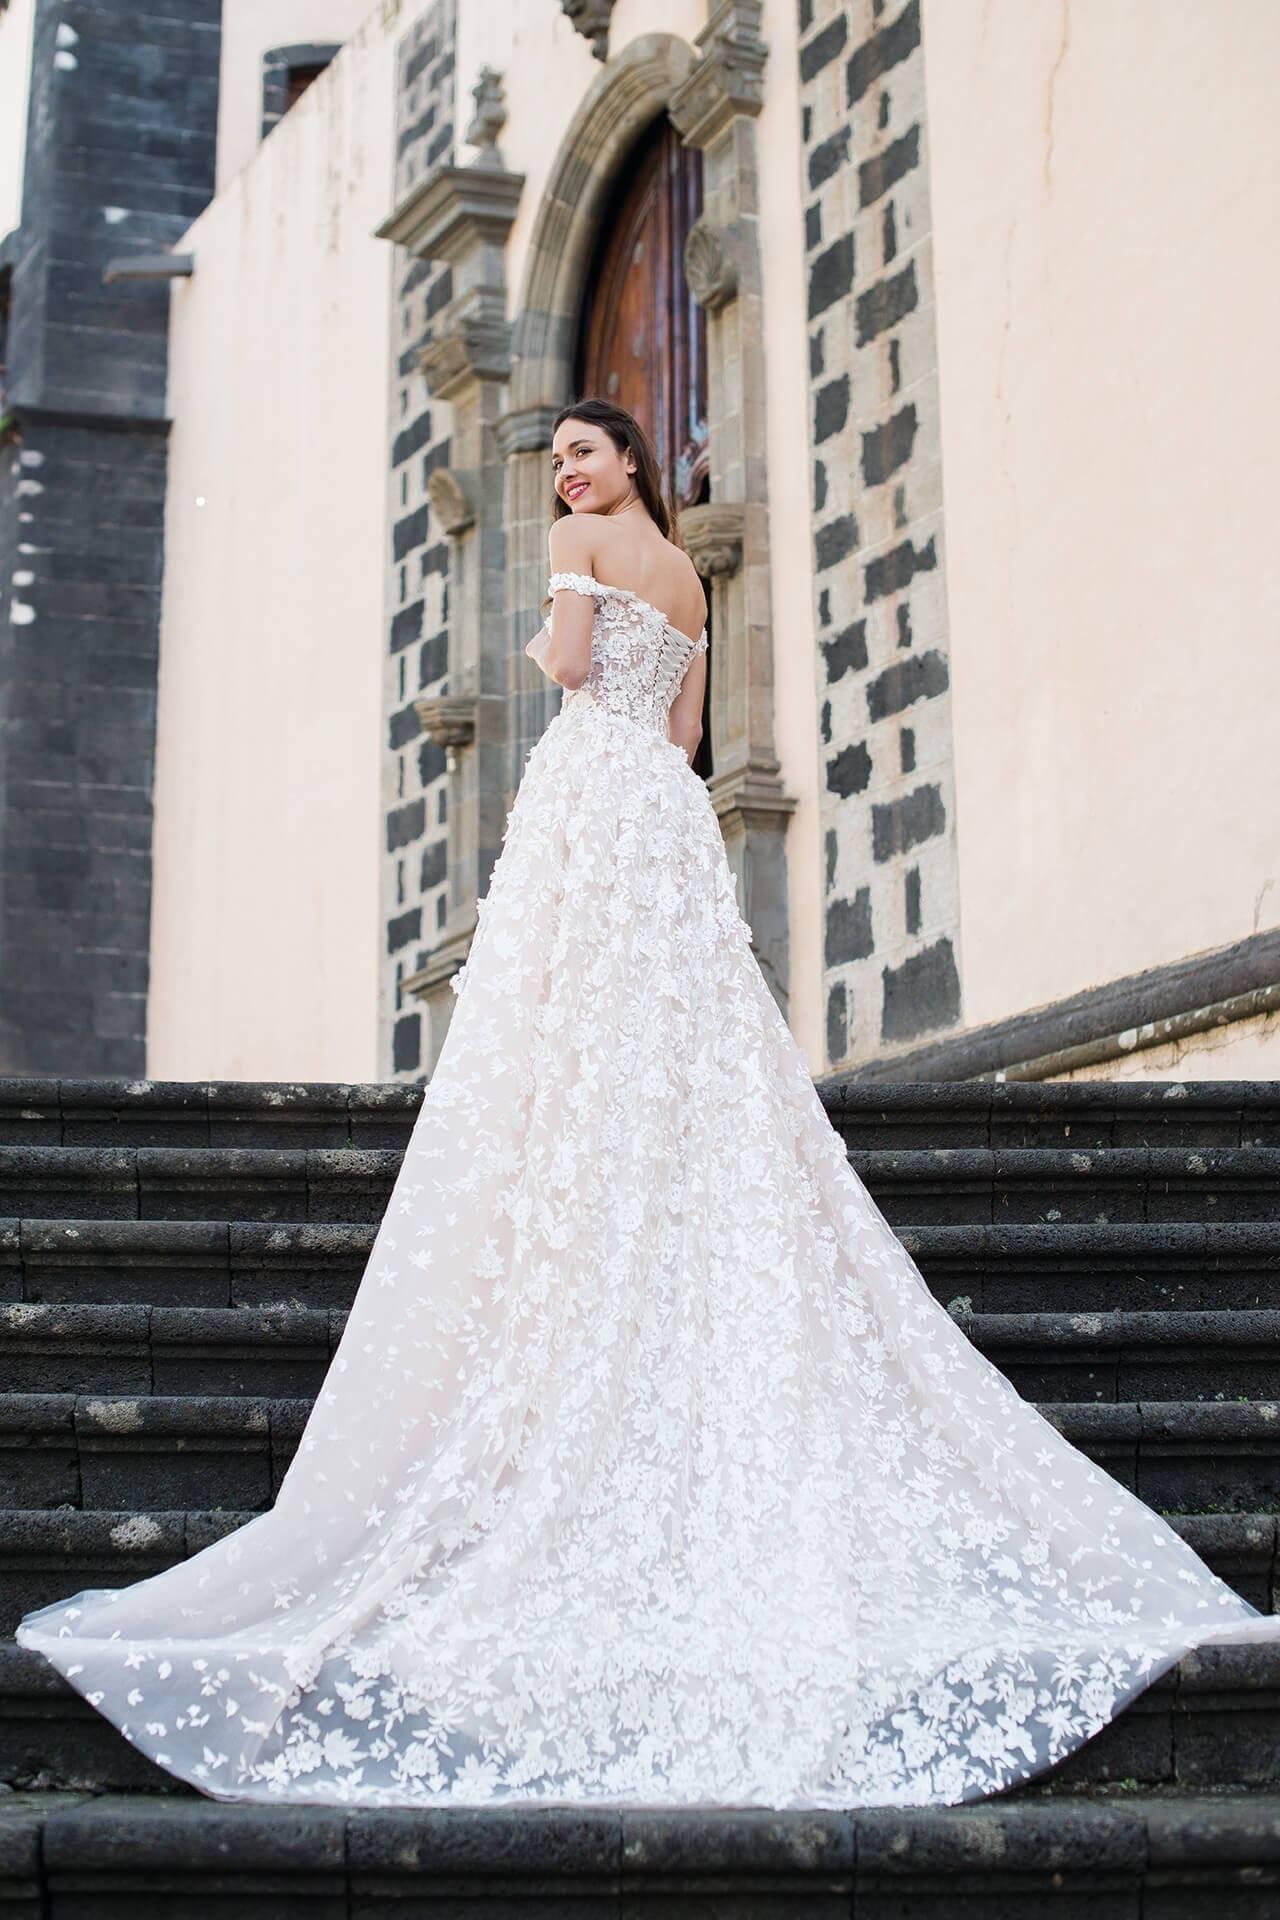 Wedding dress $800, size 8